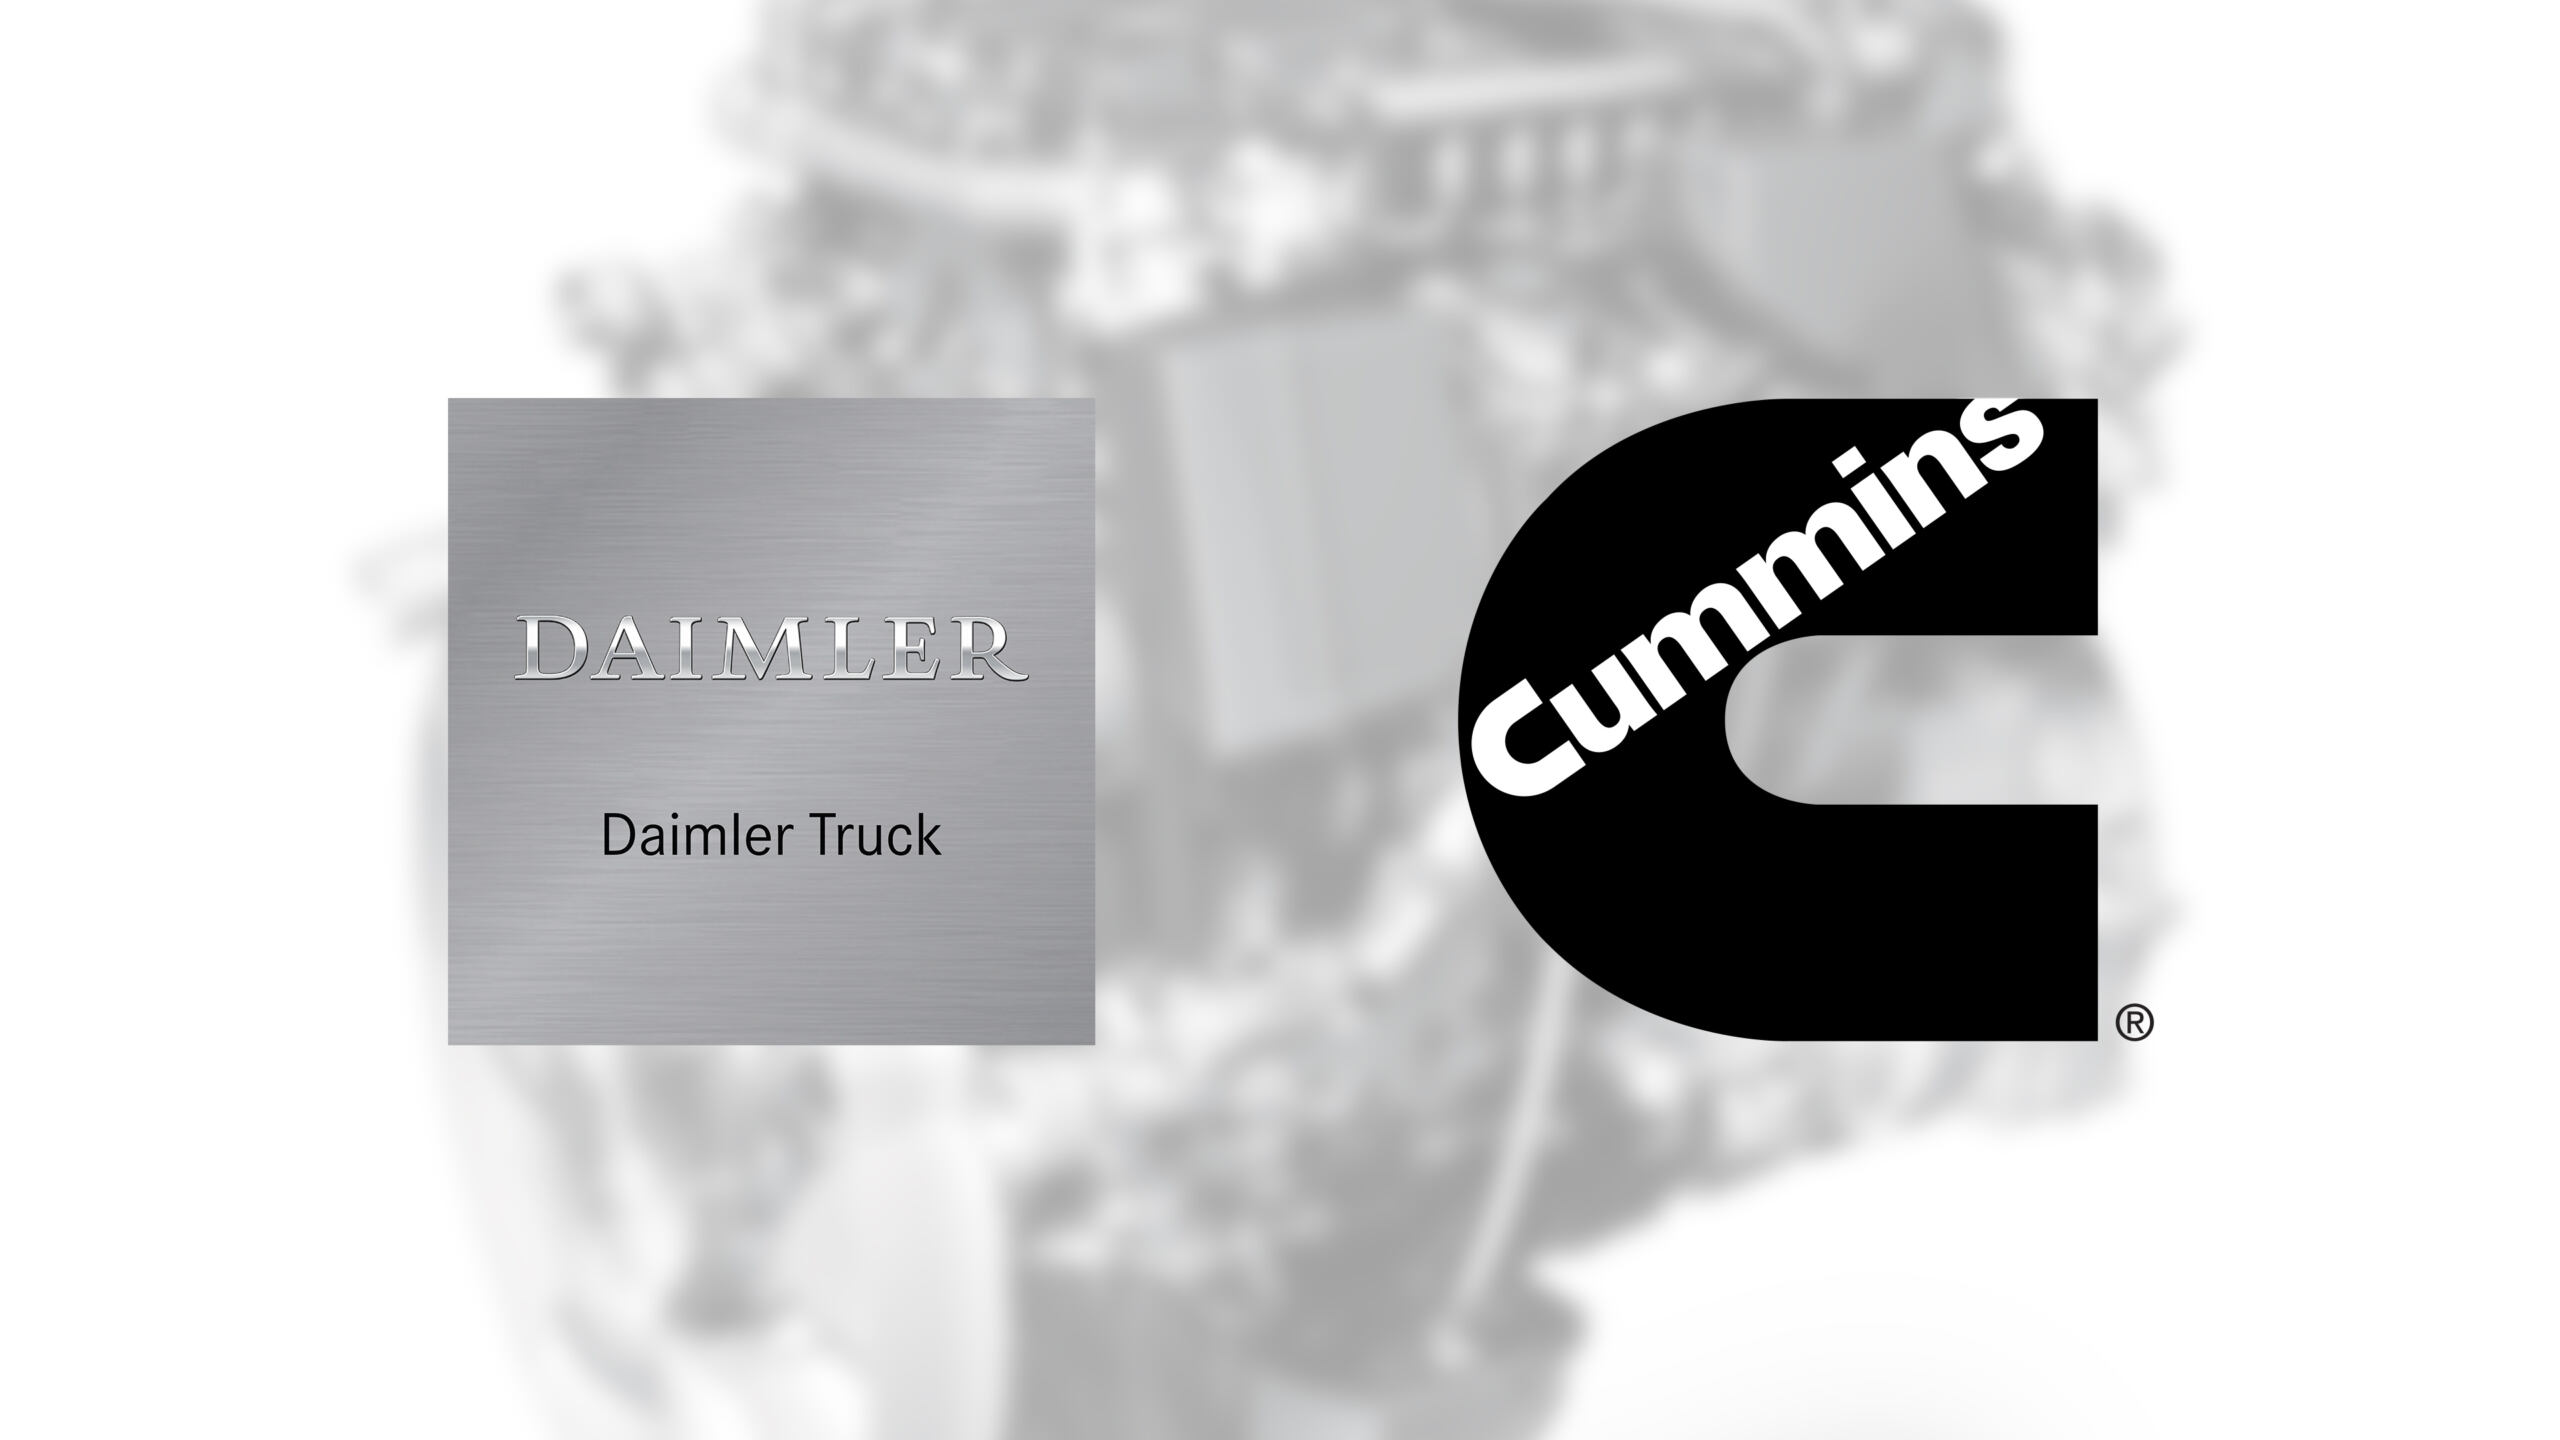 Daimler Cummins motori di media cilindrata